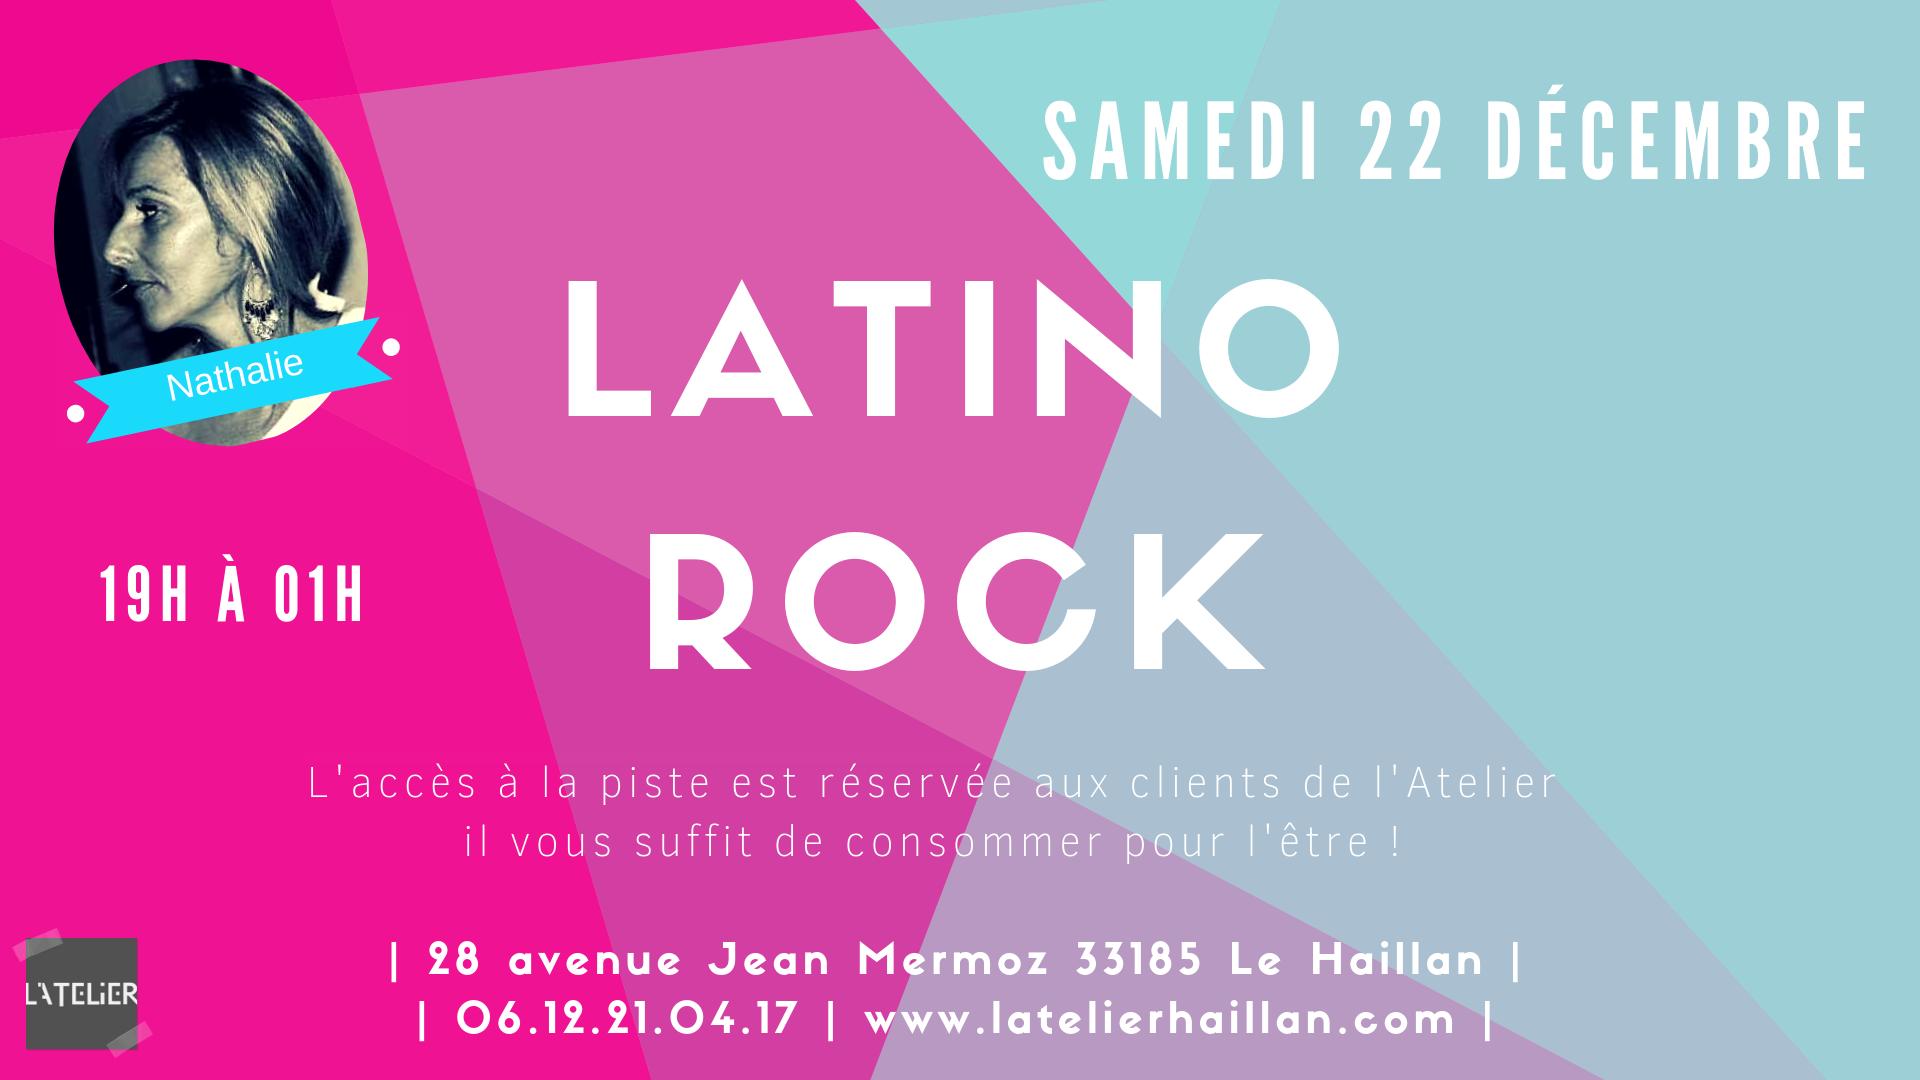 Soirée Latino Rock avec Nathalie - La dernière de 2018 !